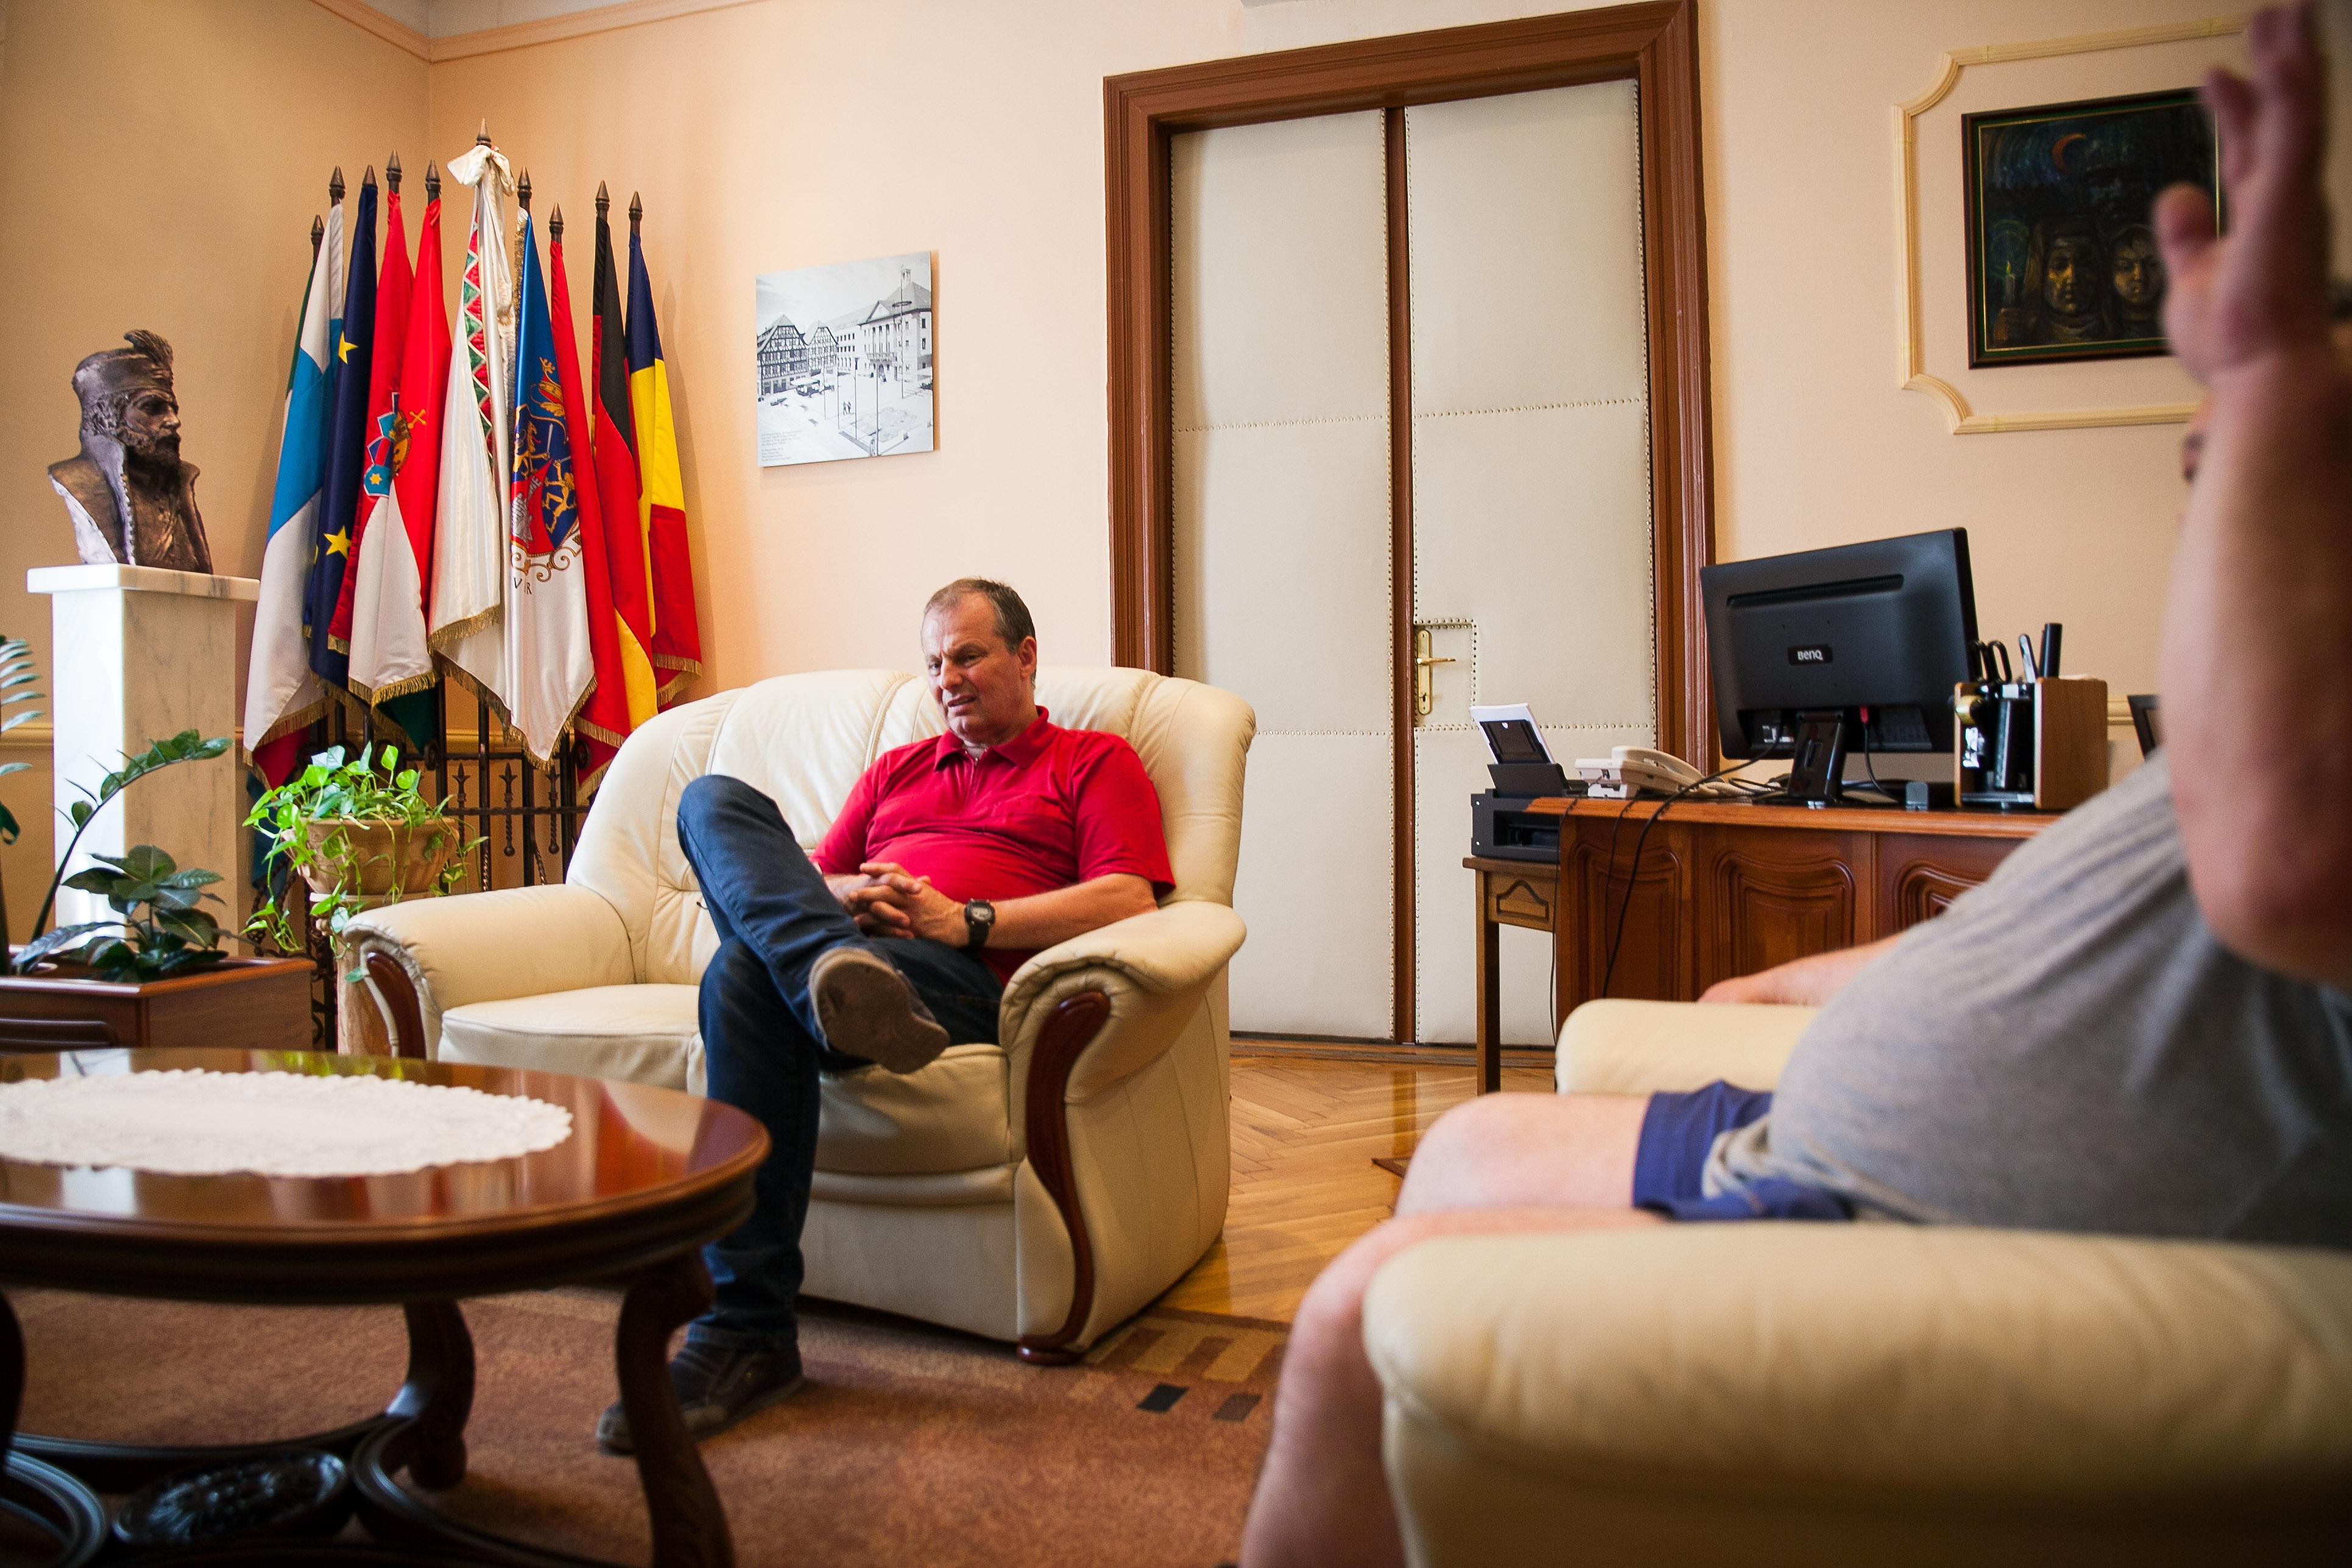 Vass Péter polgármester az irodájában | Fotó: Magócsi Márton